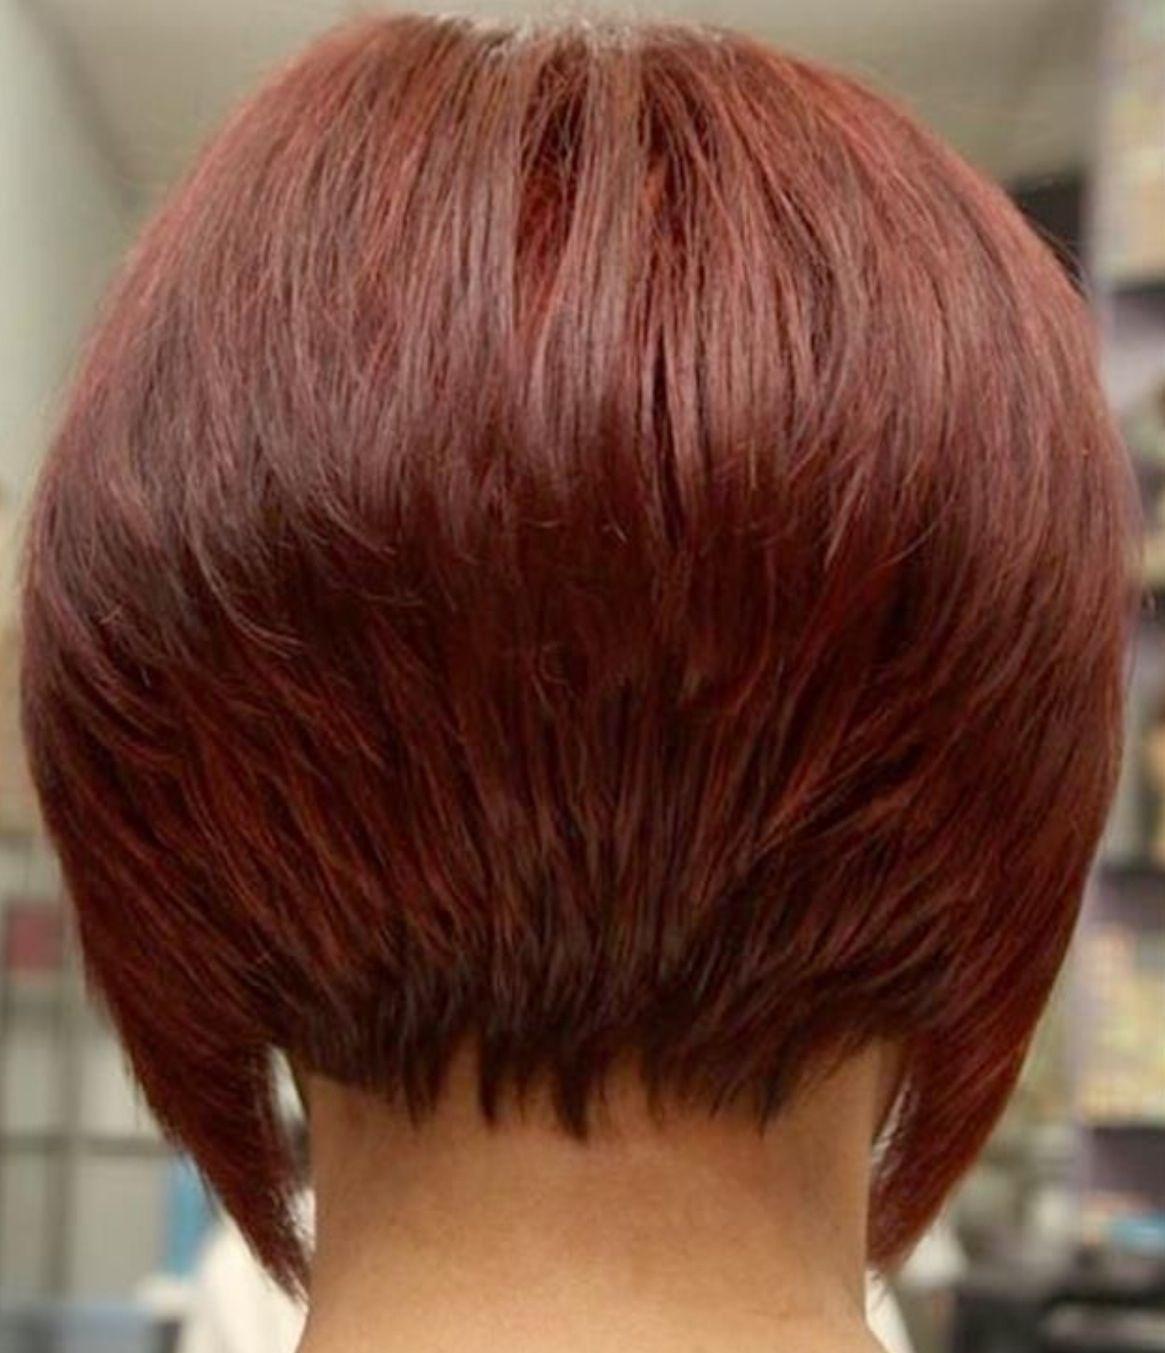 Pin by T kne on Hair | Cortes de cabelo, Cortes de Cabelo ...